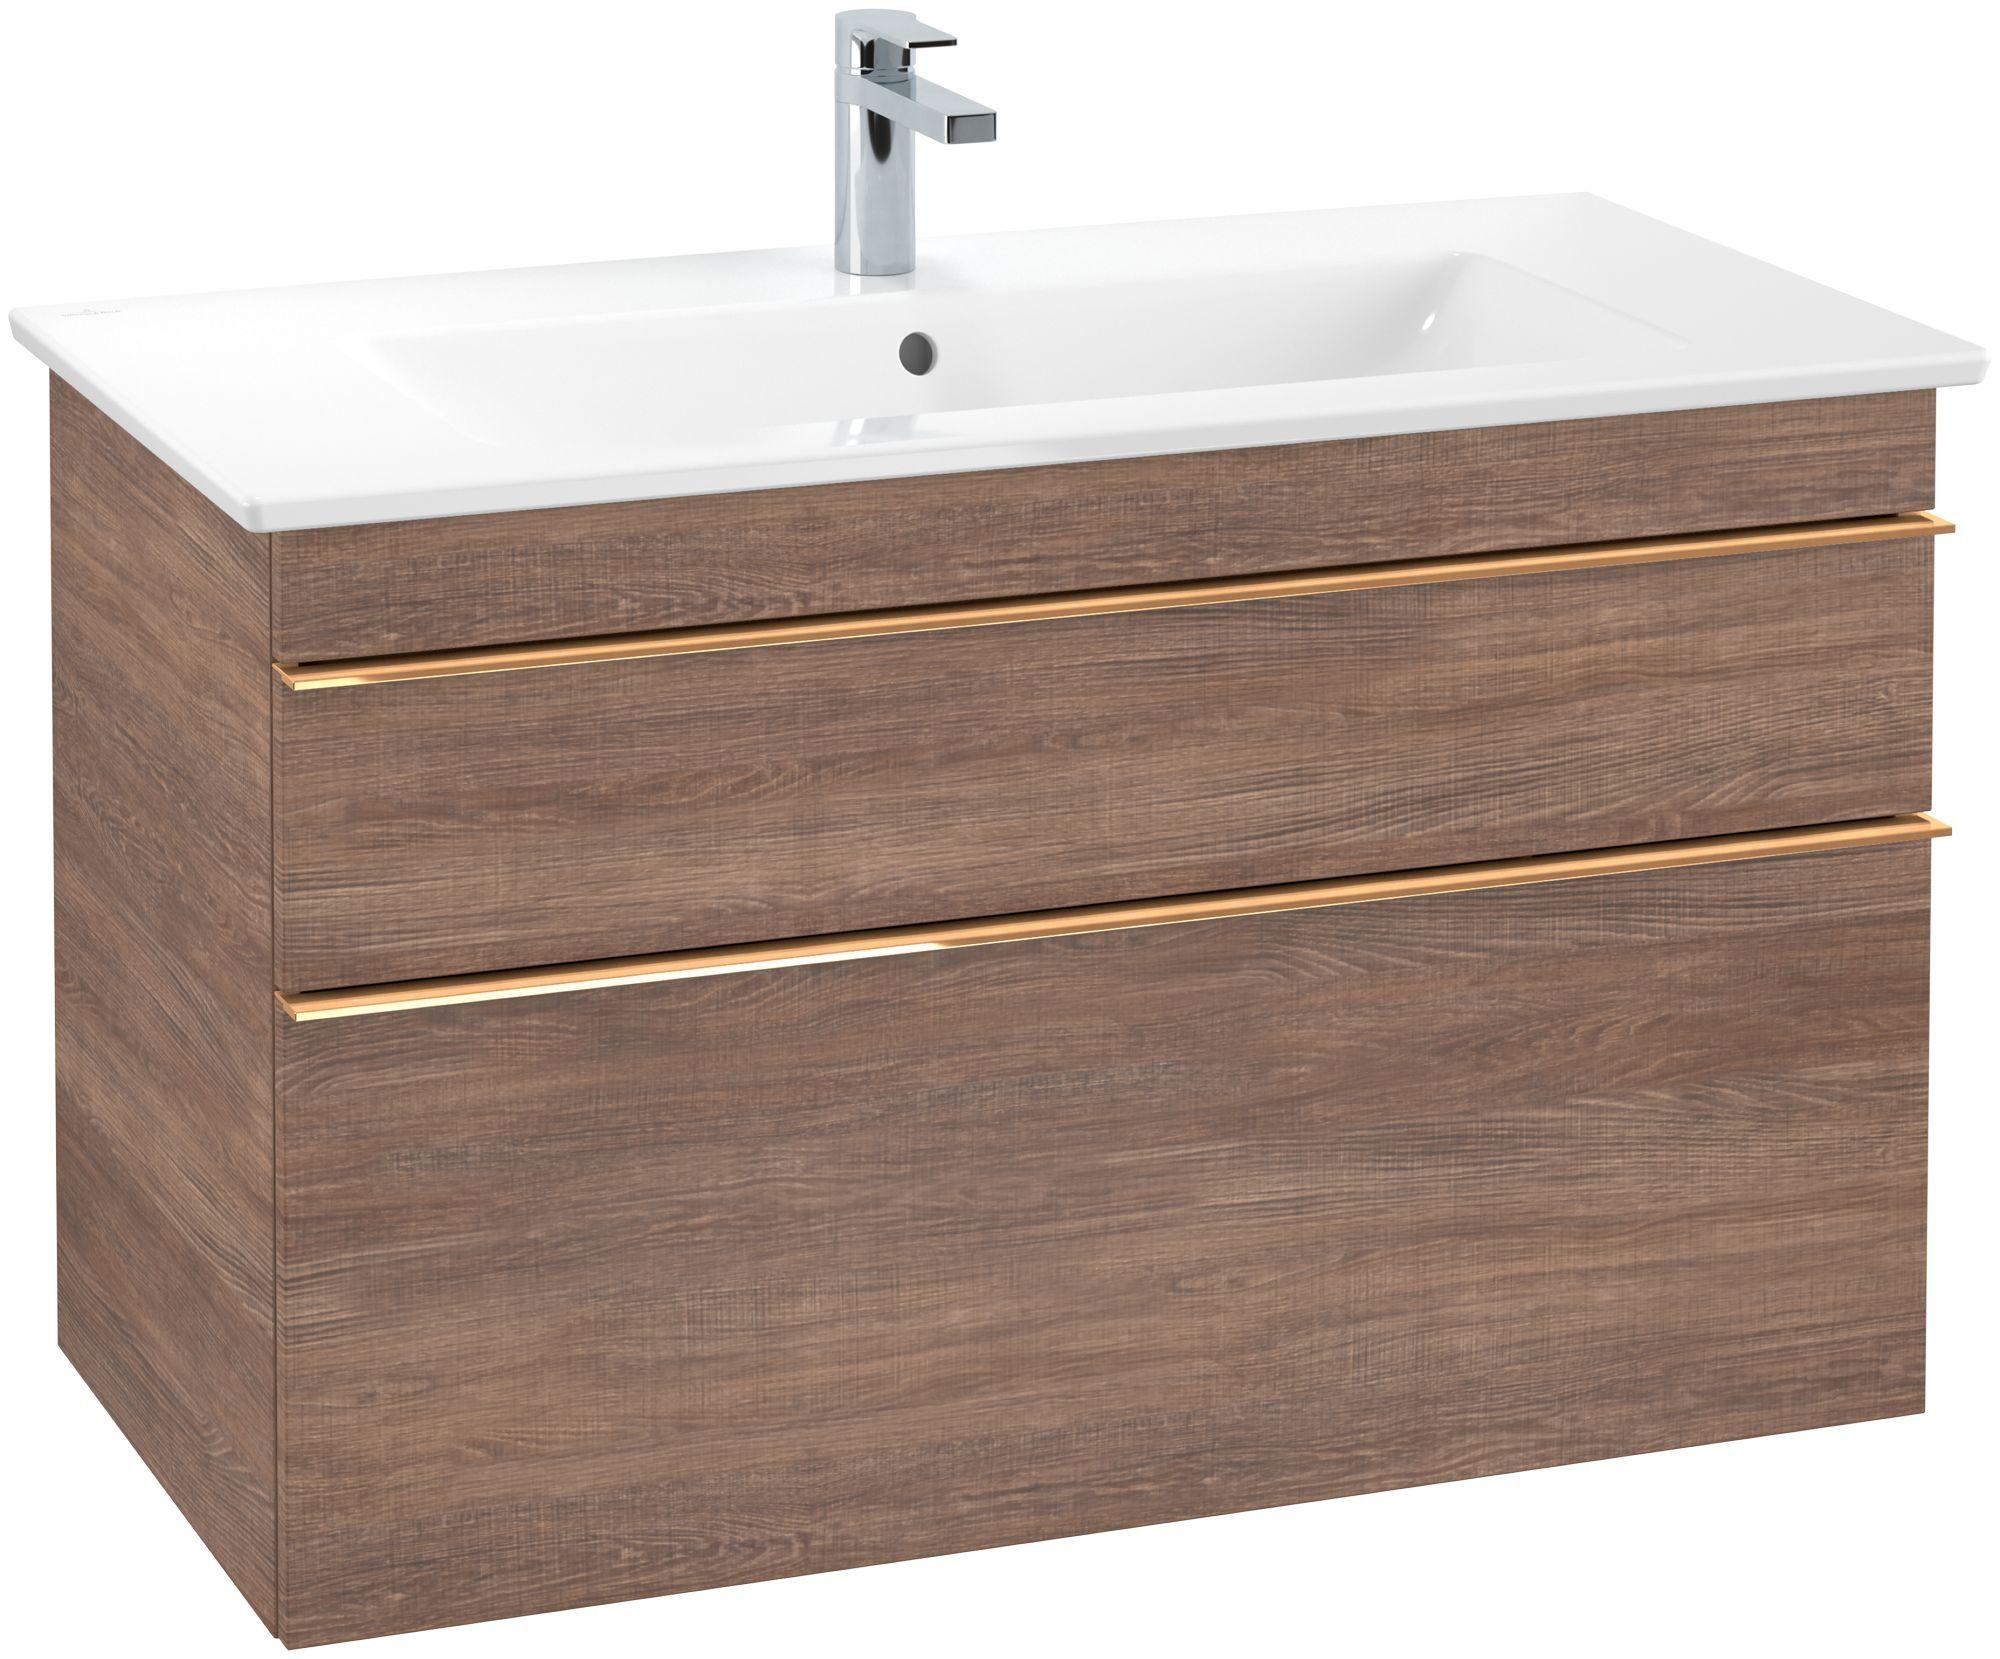 Villeroy & Boch Venticello Waschtischunterschrank 2 Auszüge B:95,3xH:59xT:50,2cm santana oak Griffe copper A92605E1